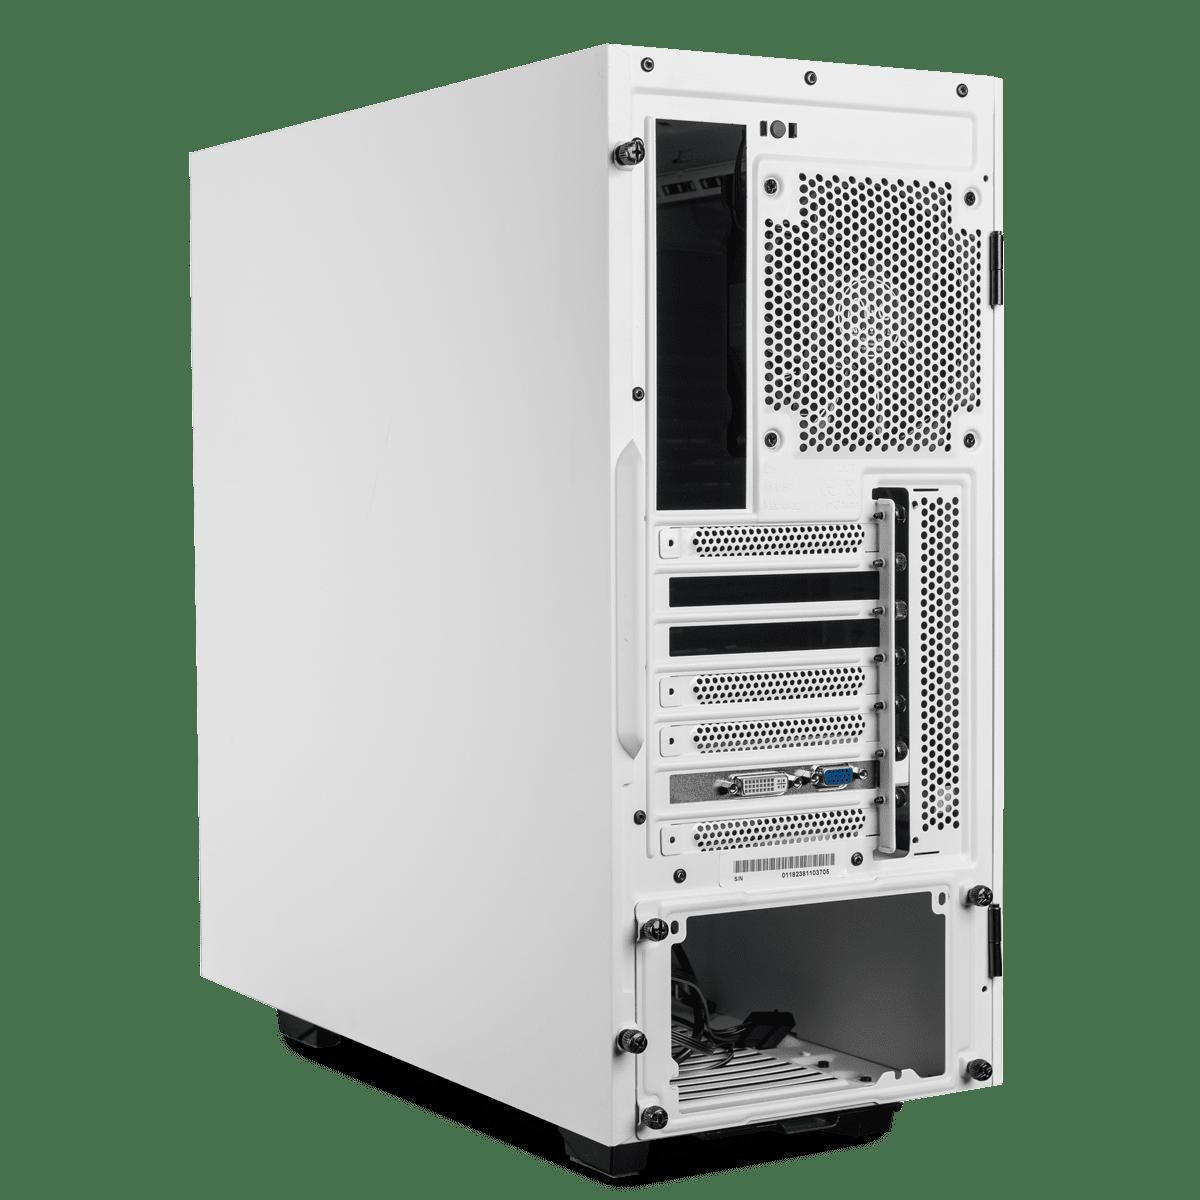 05-snowblind-element-case-backnon-1200